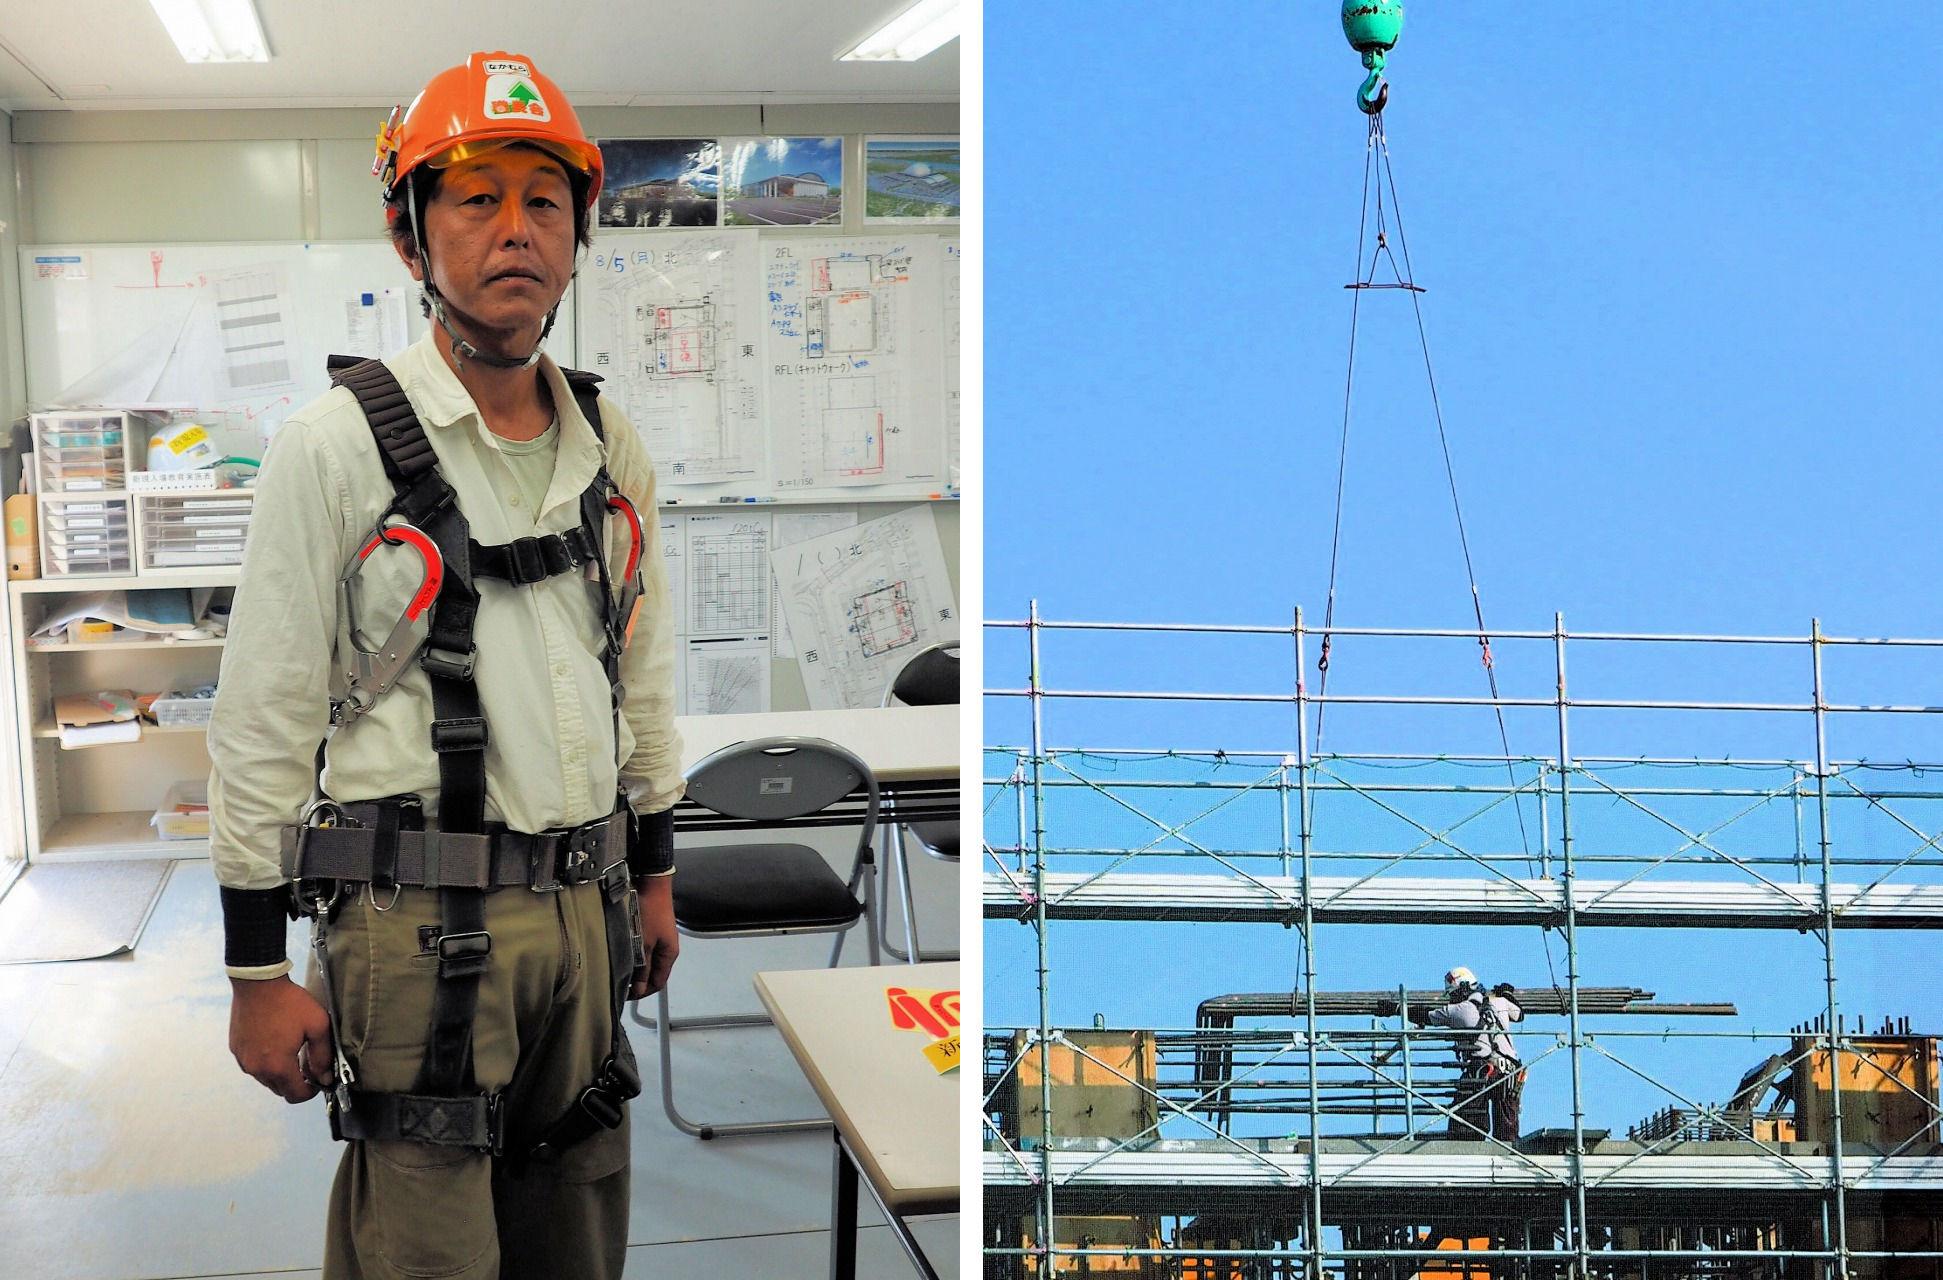 フルハーネス型安全帯(左)についての特別教育と、クレーン作業(右)に必要となる玉掛け作業の再教育についての受講情報も、入退場管理システムで一元管理している